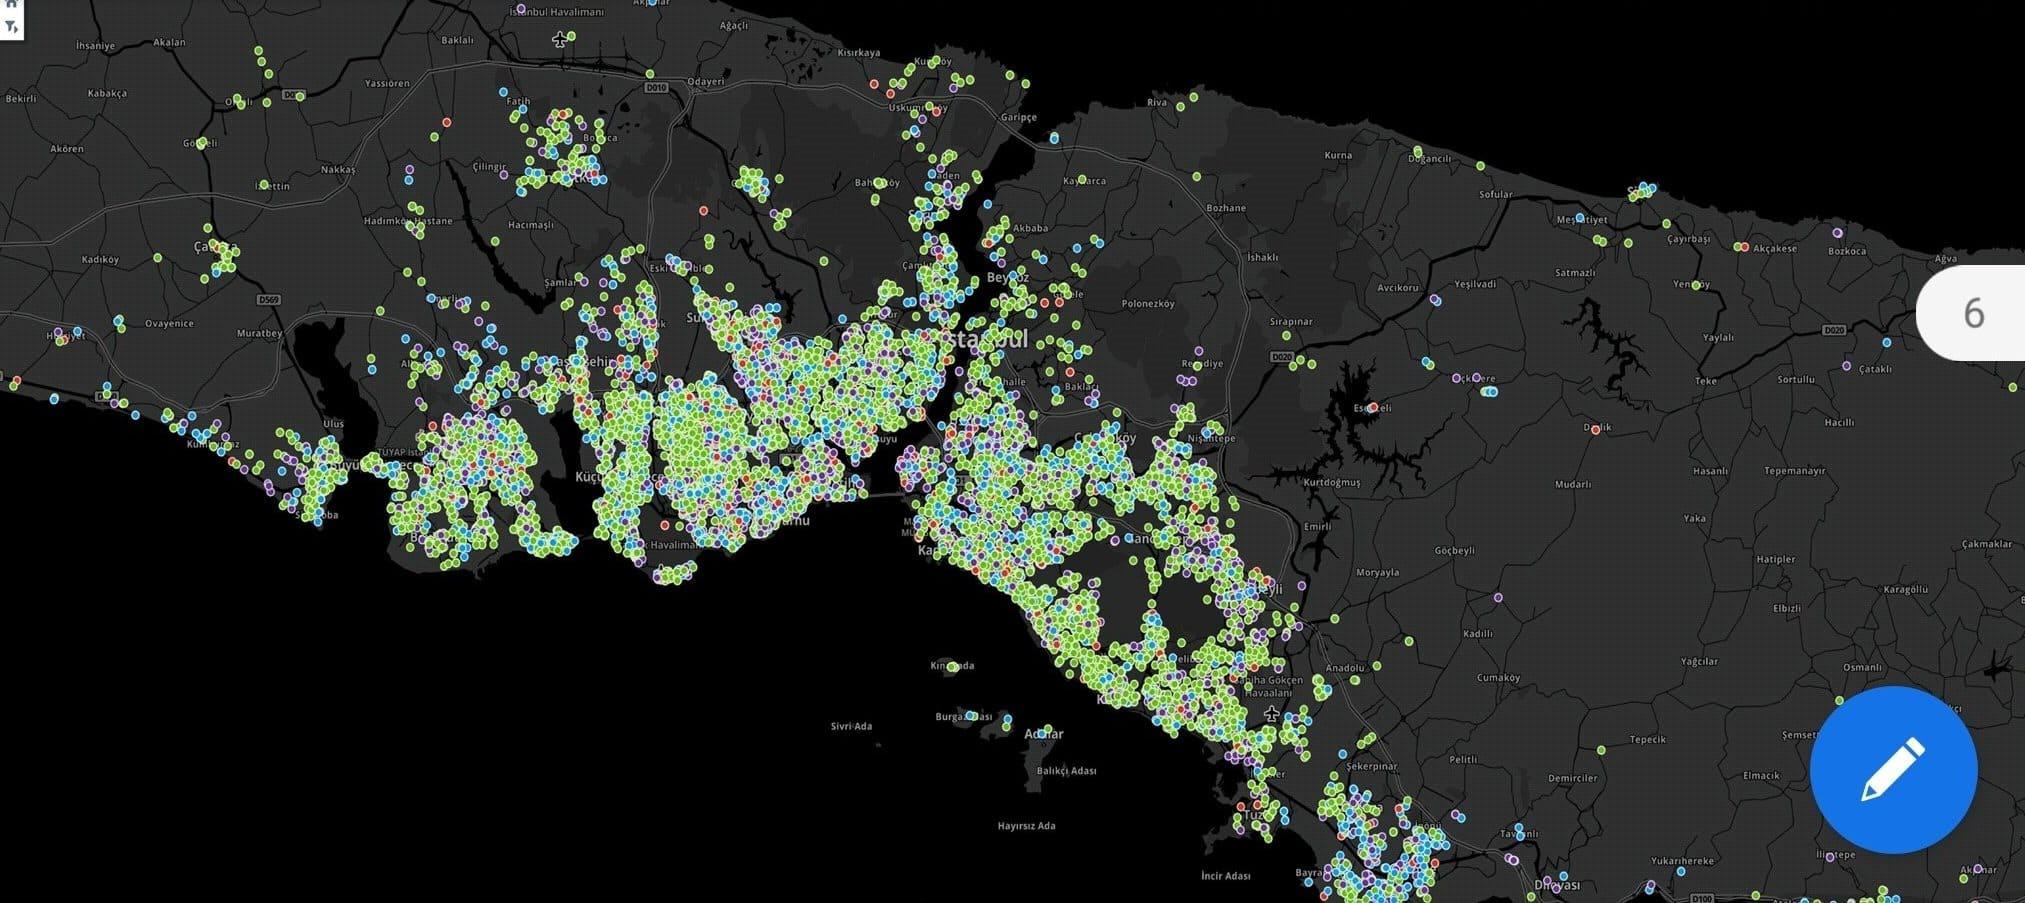 Türkiye detaylı corona virüsü yayılım haritası paylaşıldı istanbul